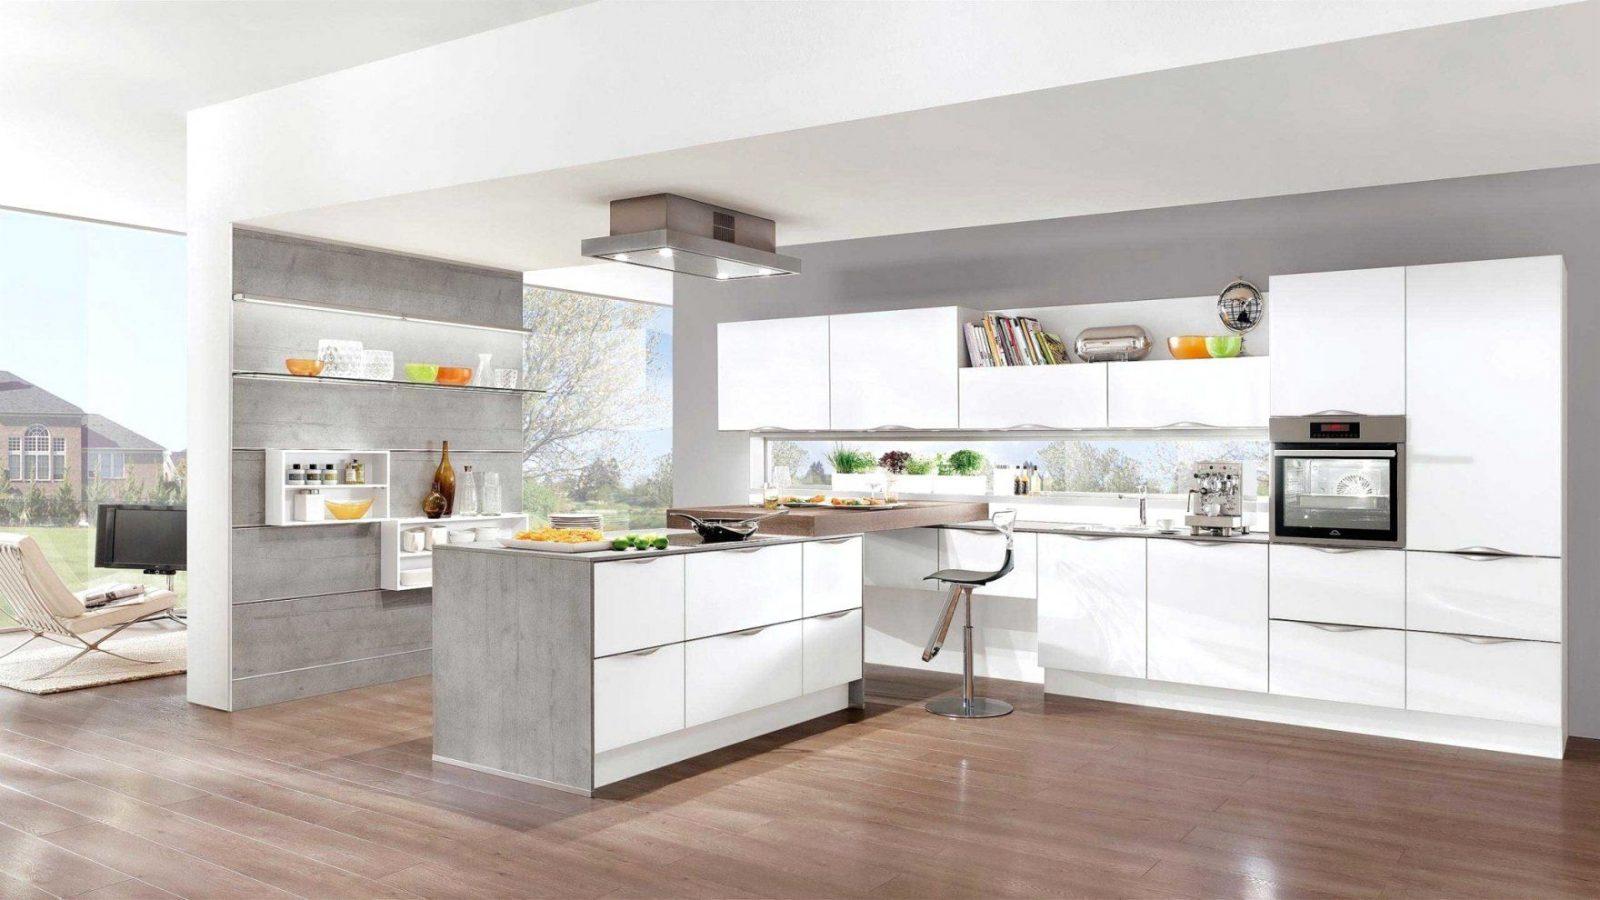 Andere Beabsichtigt Kuche Nolte Küchen Mit Kochinsel Und Theke On von Nolte Küchen Mit Kochinsel Und Theke Photo